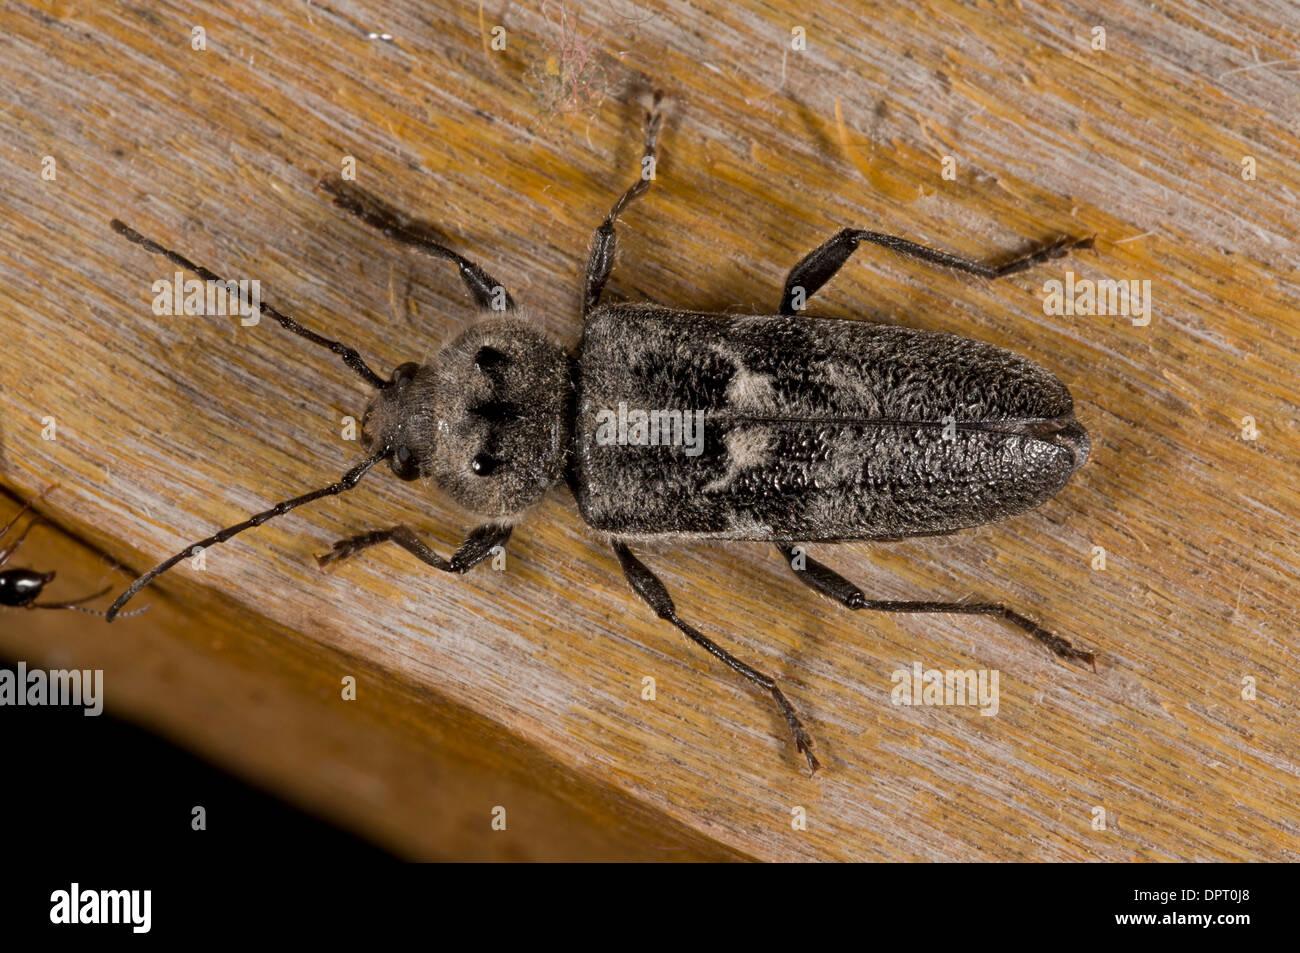 Altes Haus Borer Oder Haus Longhorn Beetle Hylotrupes Bajulus Auf